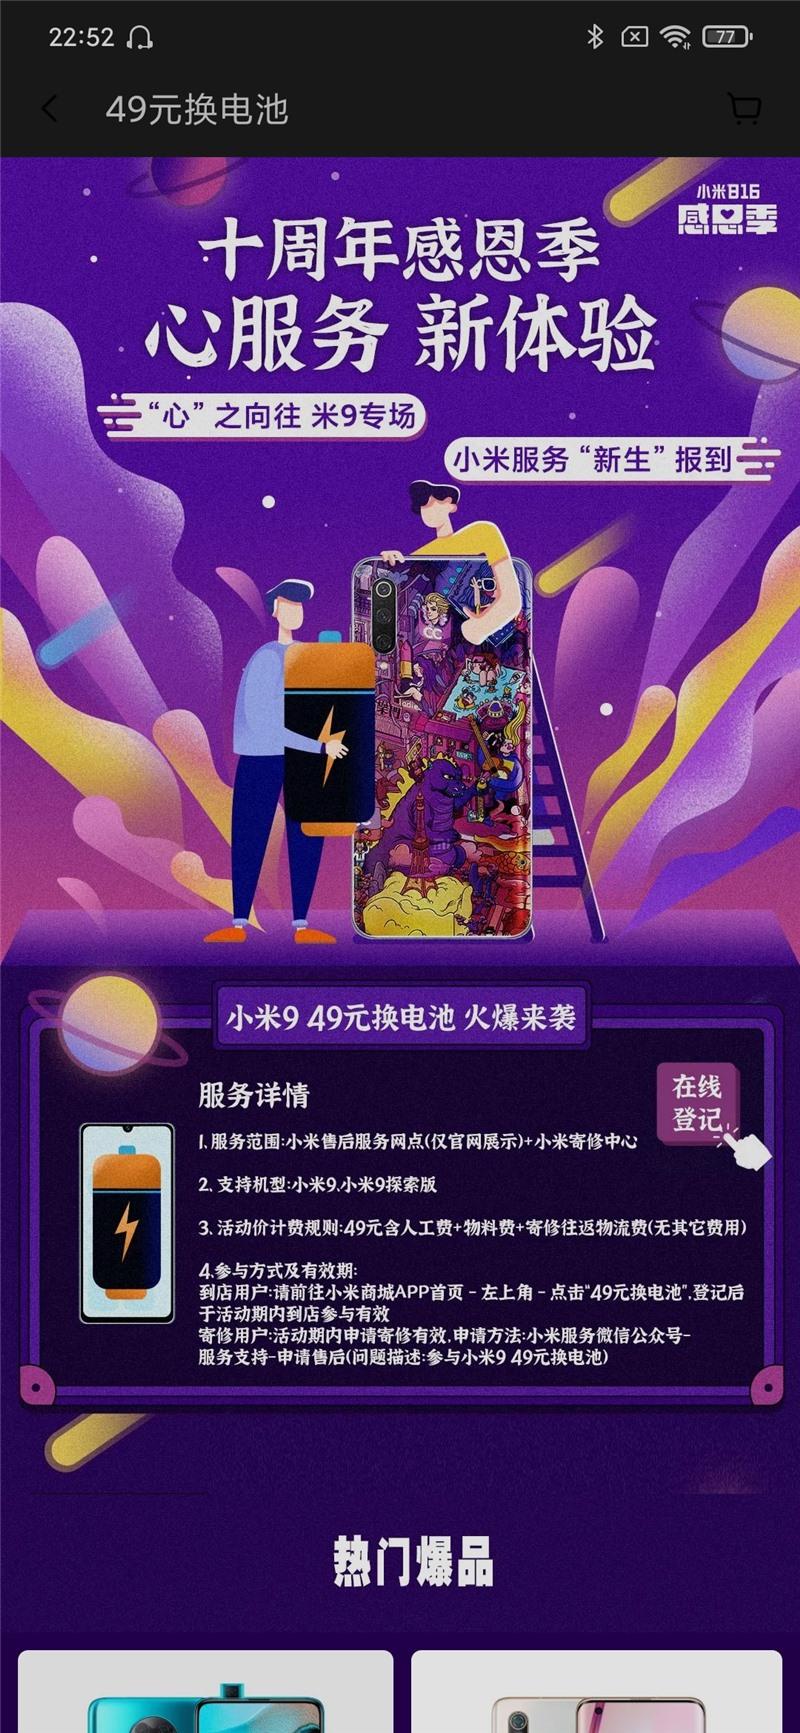 8 月 16 日,小米 9 将开启 49 元换电池活动